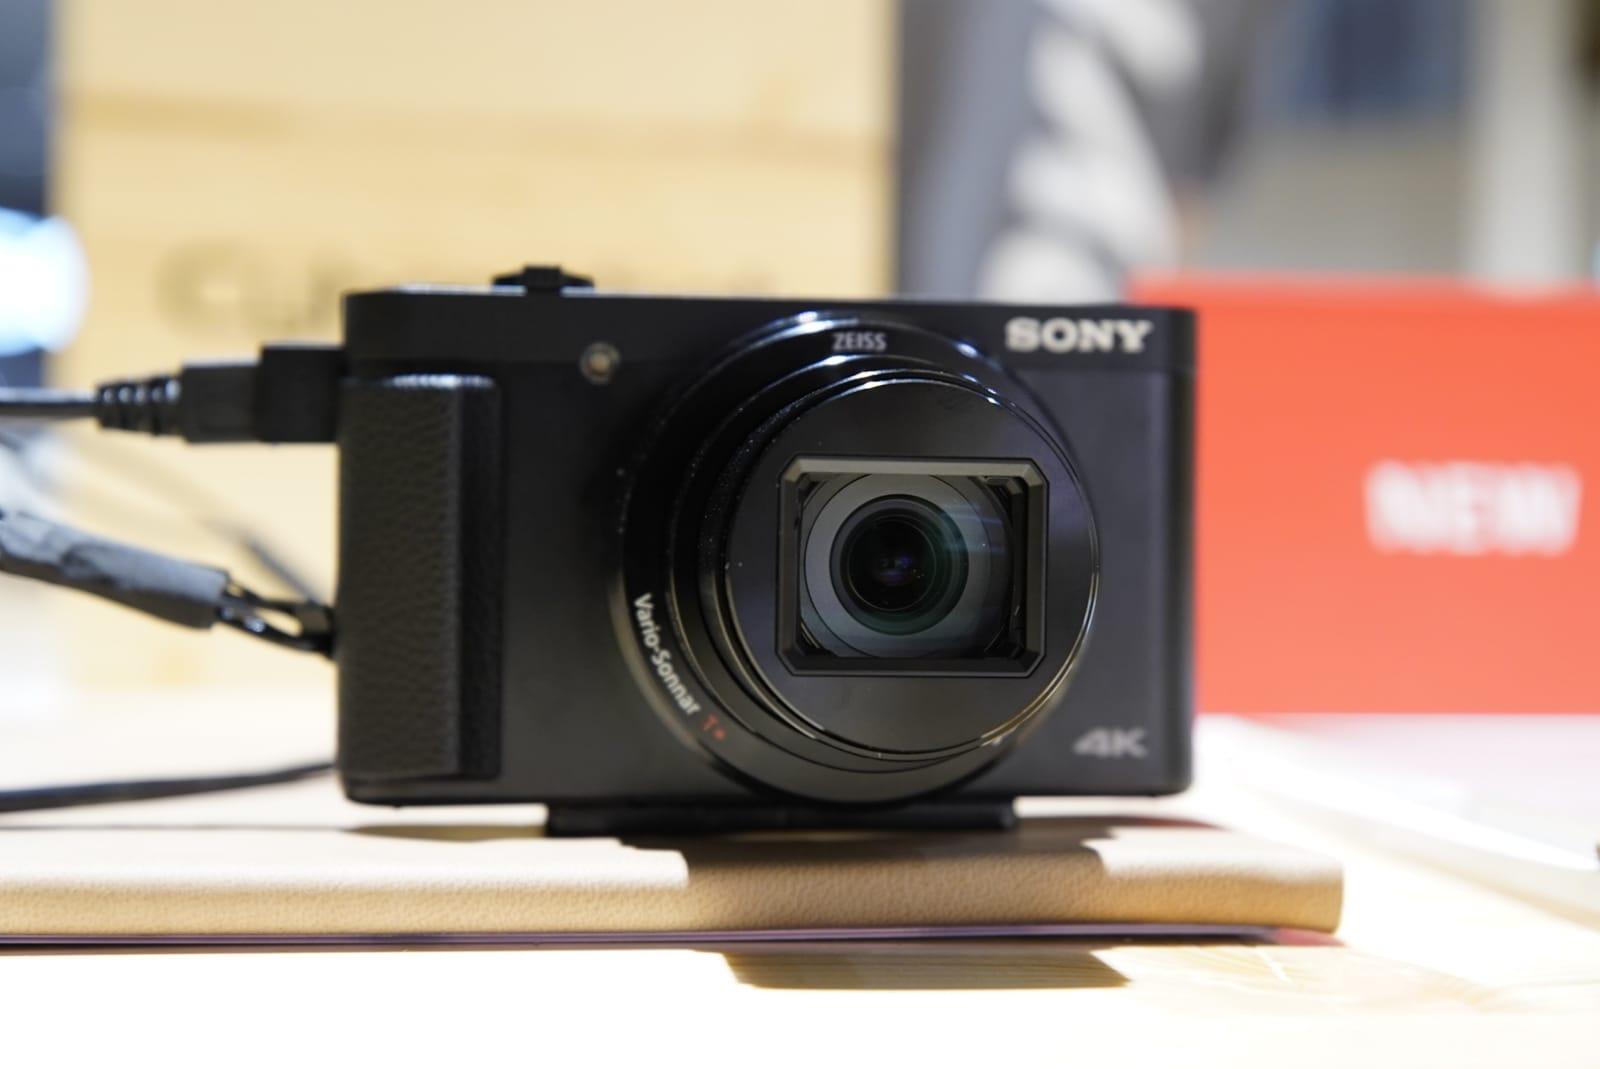 Sony HX95 e HX99: fotocamere compatte da 18,3 Megapixel con super zoom e video 4K